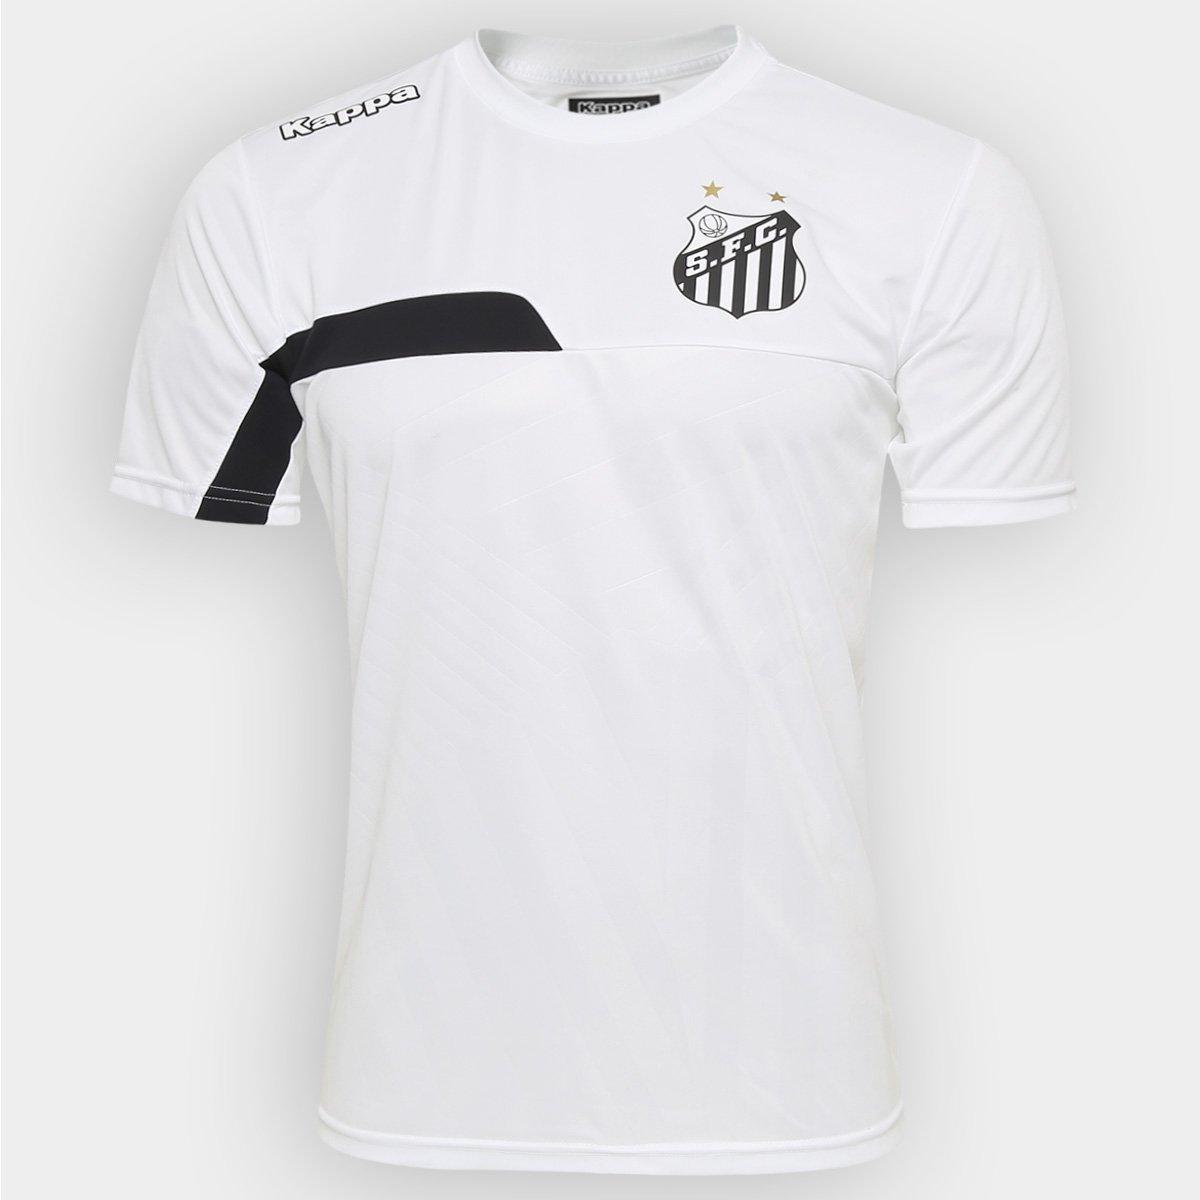 69c263f06c Camisa de Treino Santos 2016 Kappa Masculina - Compre Agora